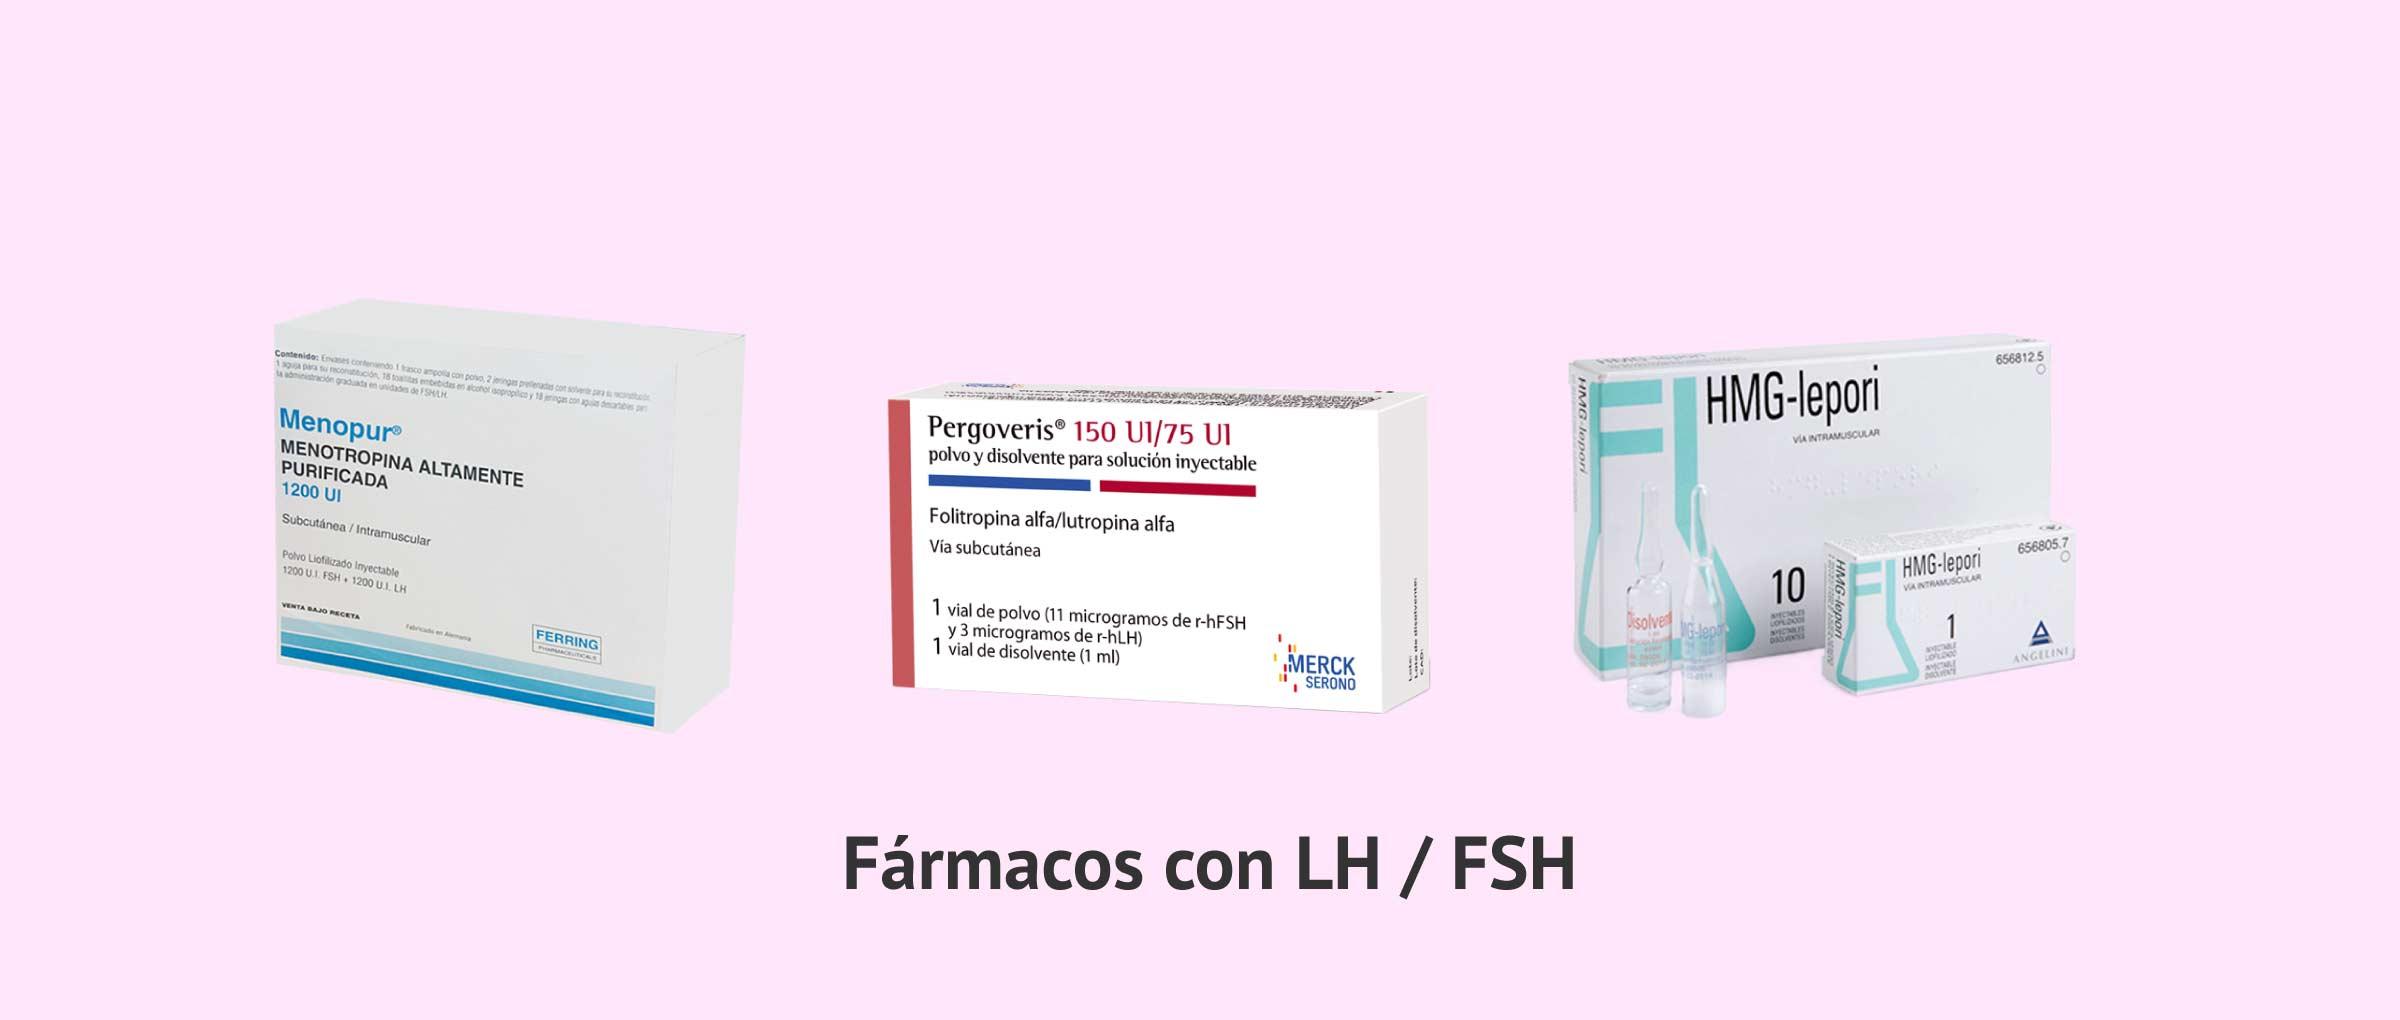 Fármacos que contienen hormona LH y FSH